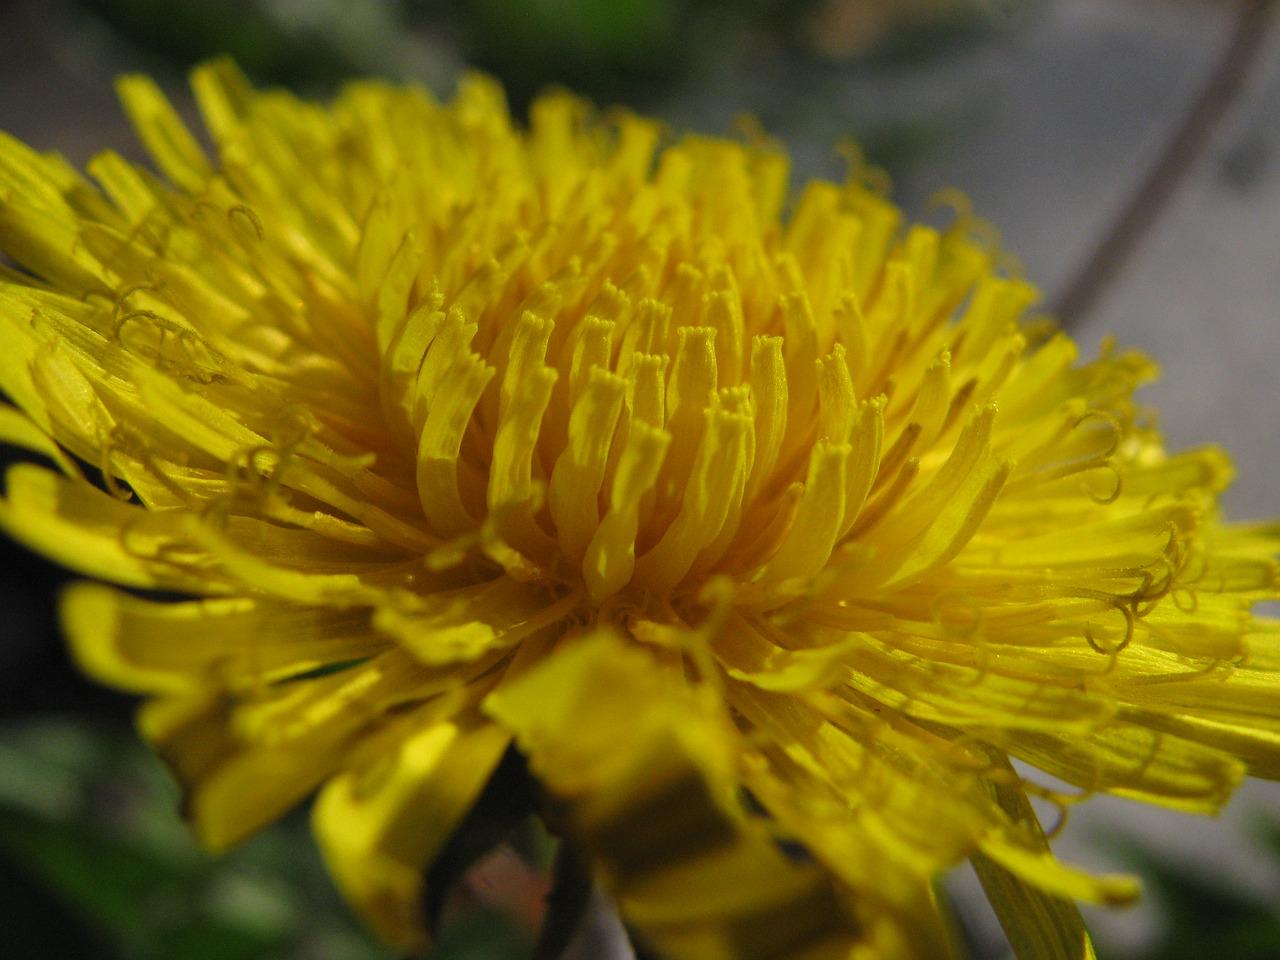 Dandeliontaraxacum Officinaleyellow Flowerweedherb Free Photo